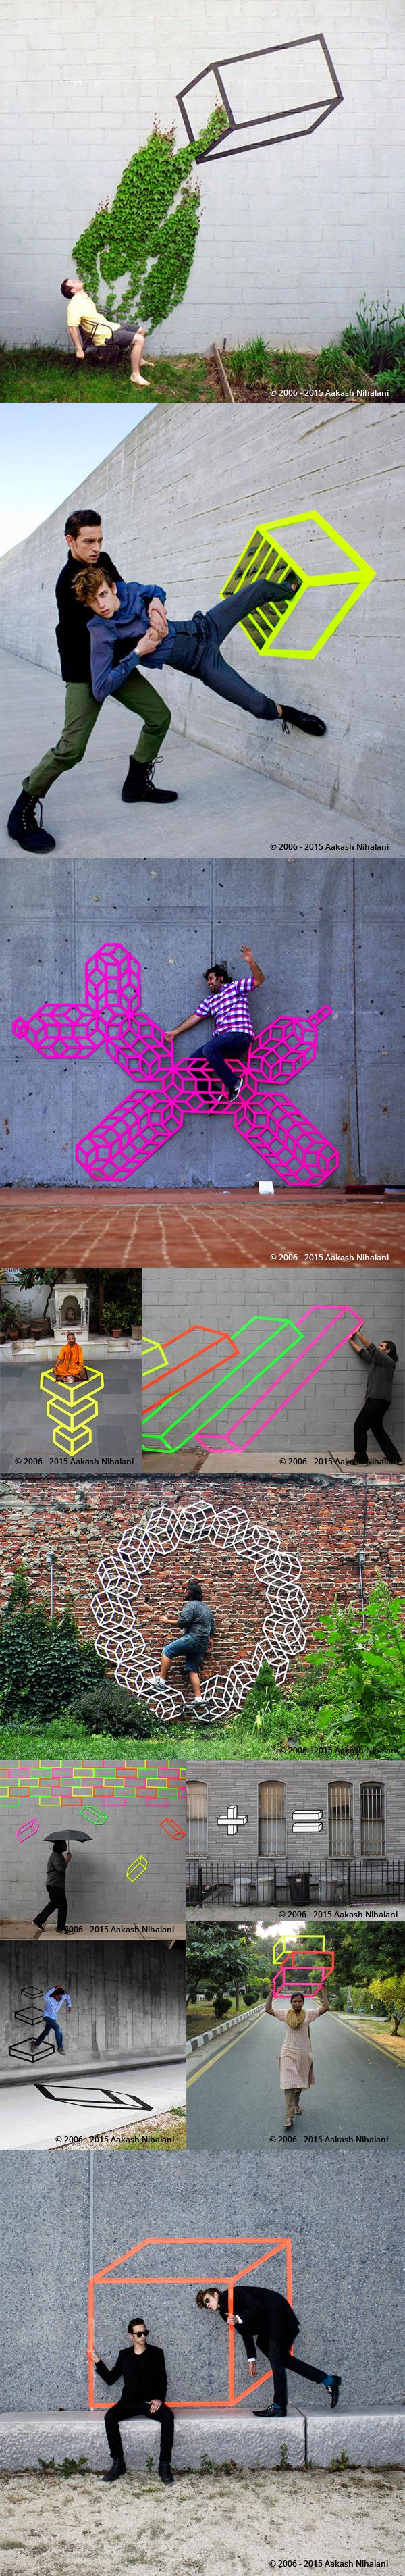 blog_streetart-01